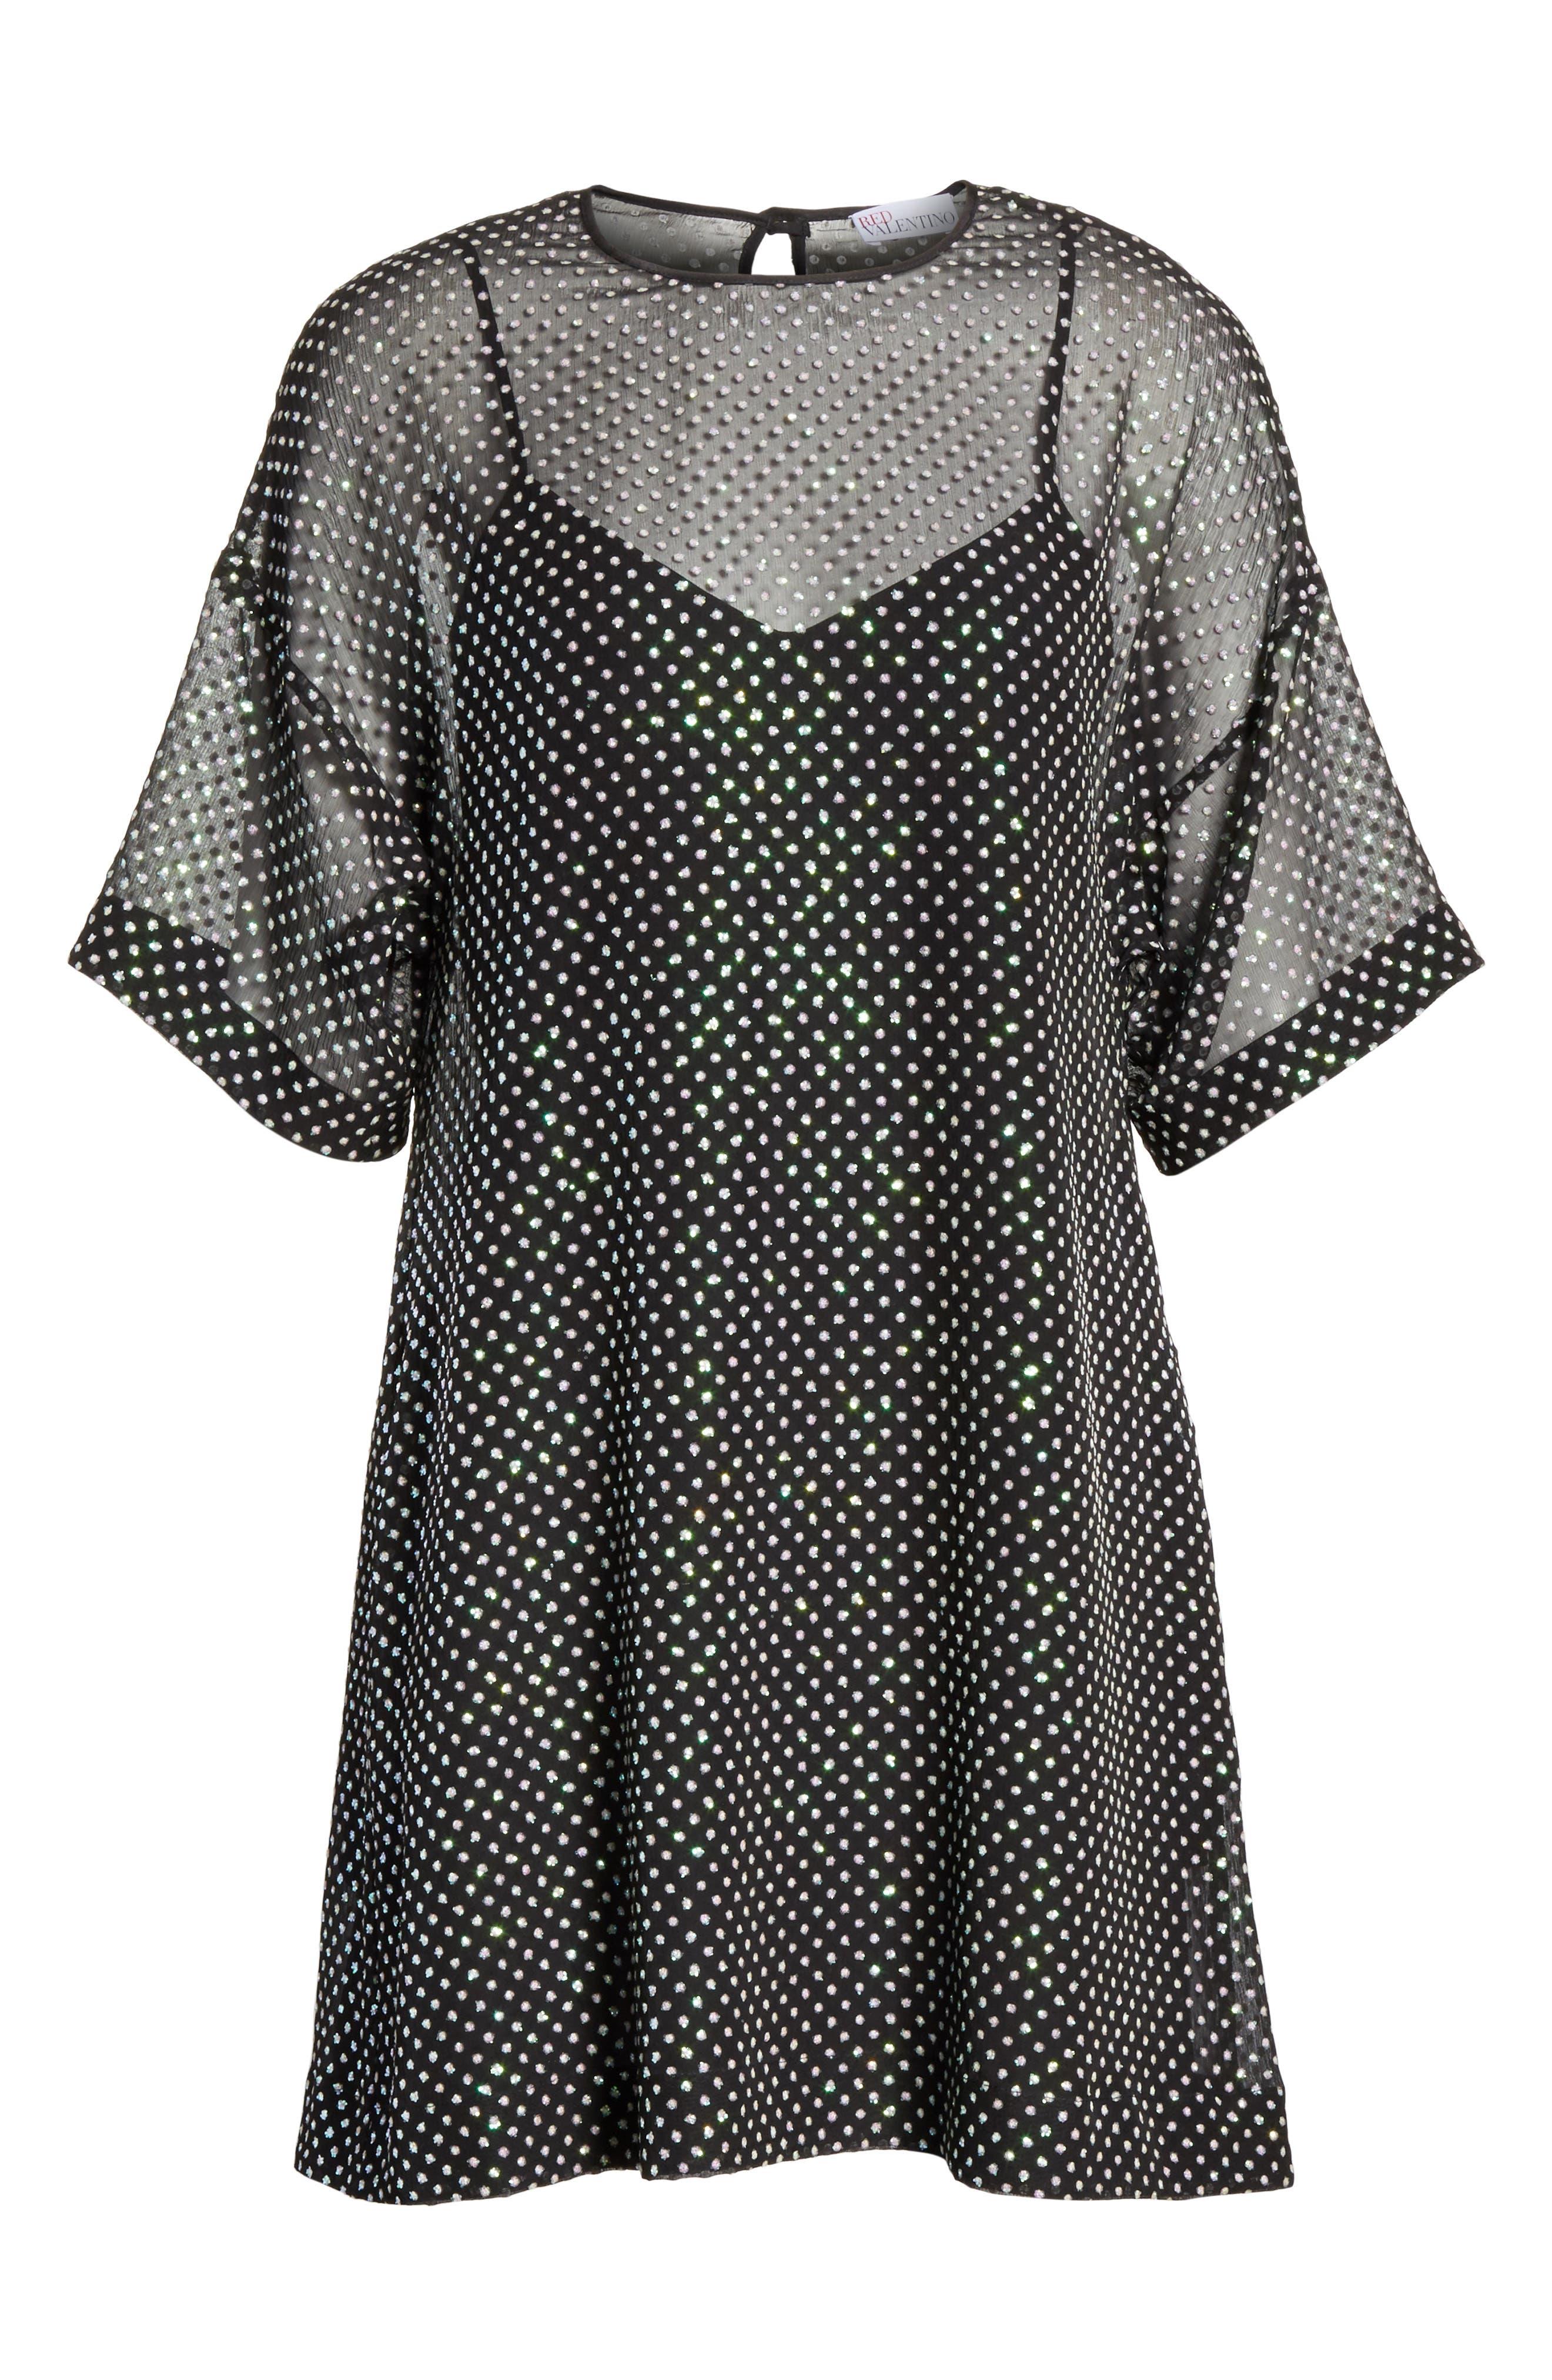 Creponne T-Shirt Dress,                             Alternate thumbnail 6, color,